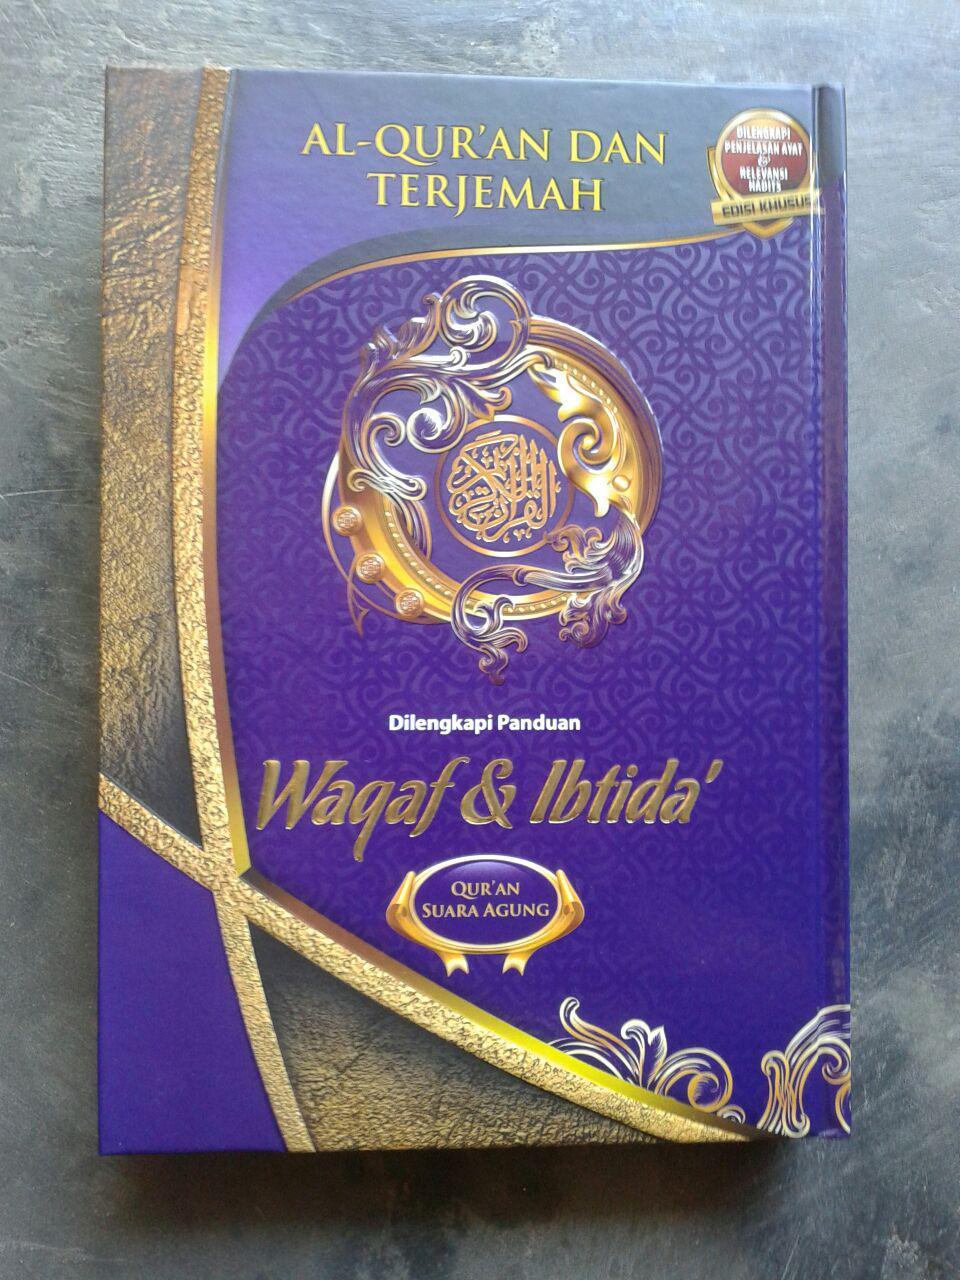 Al-Qur'an Dan Terjemah Dilengkapi Panduan Waqaf Dan Ibtida cover